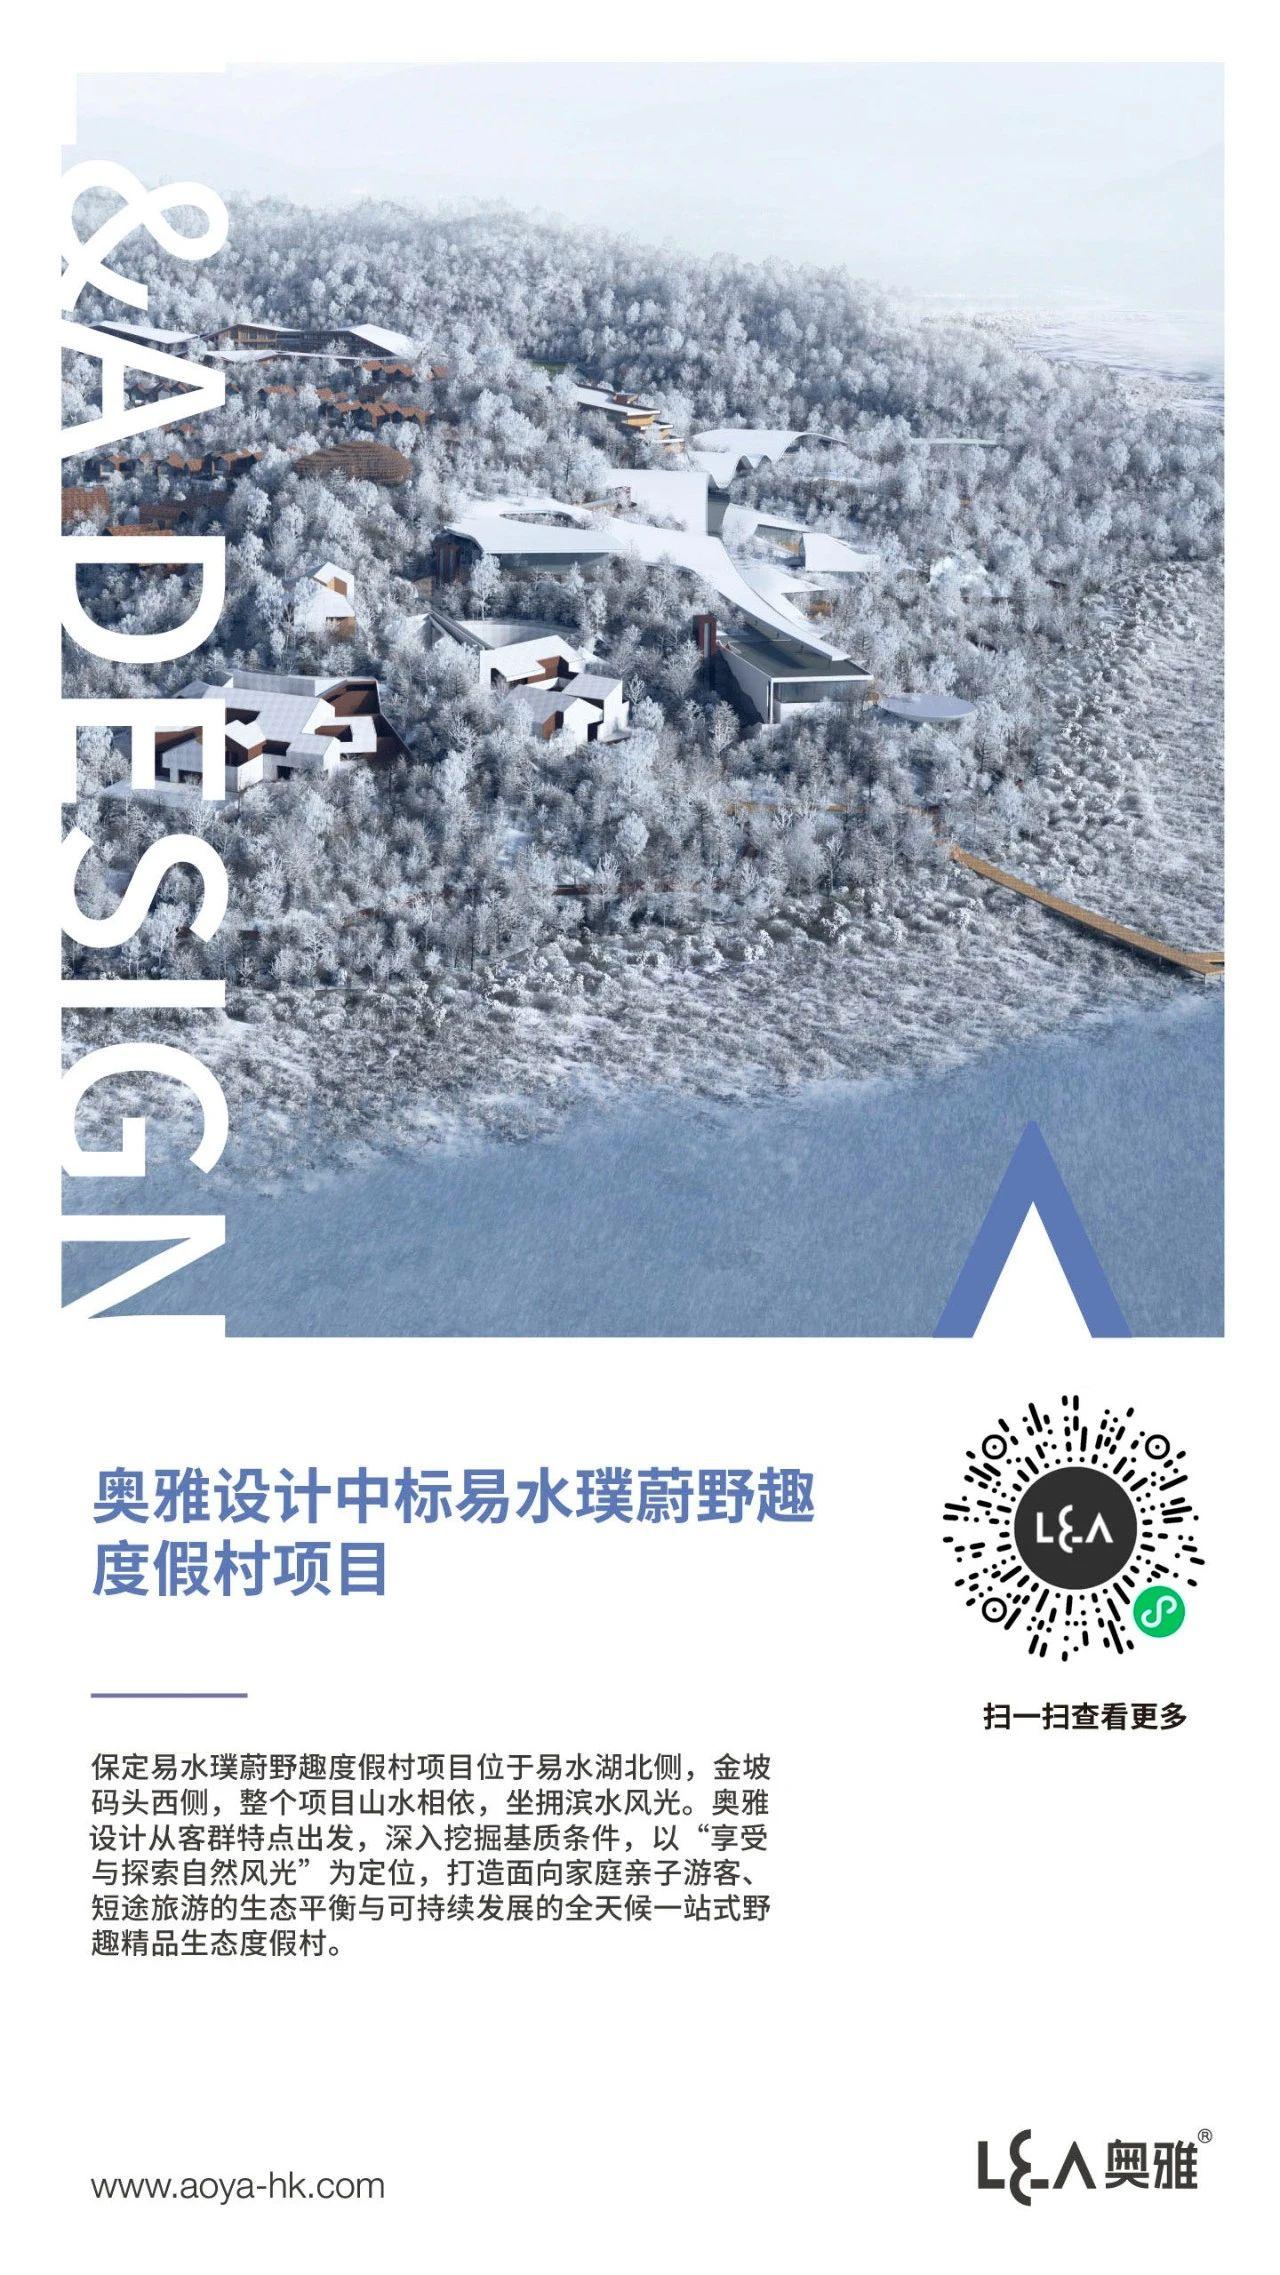 奥雅设计中标保定易水璞蔚野趣度假村项目丨喜讯